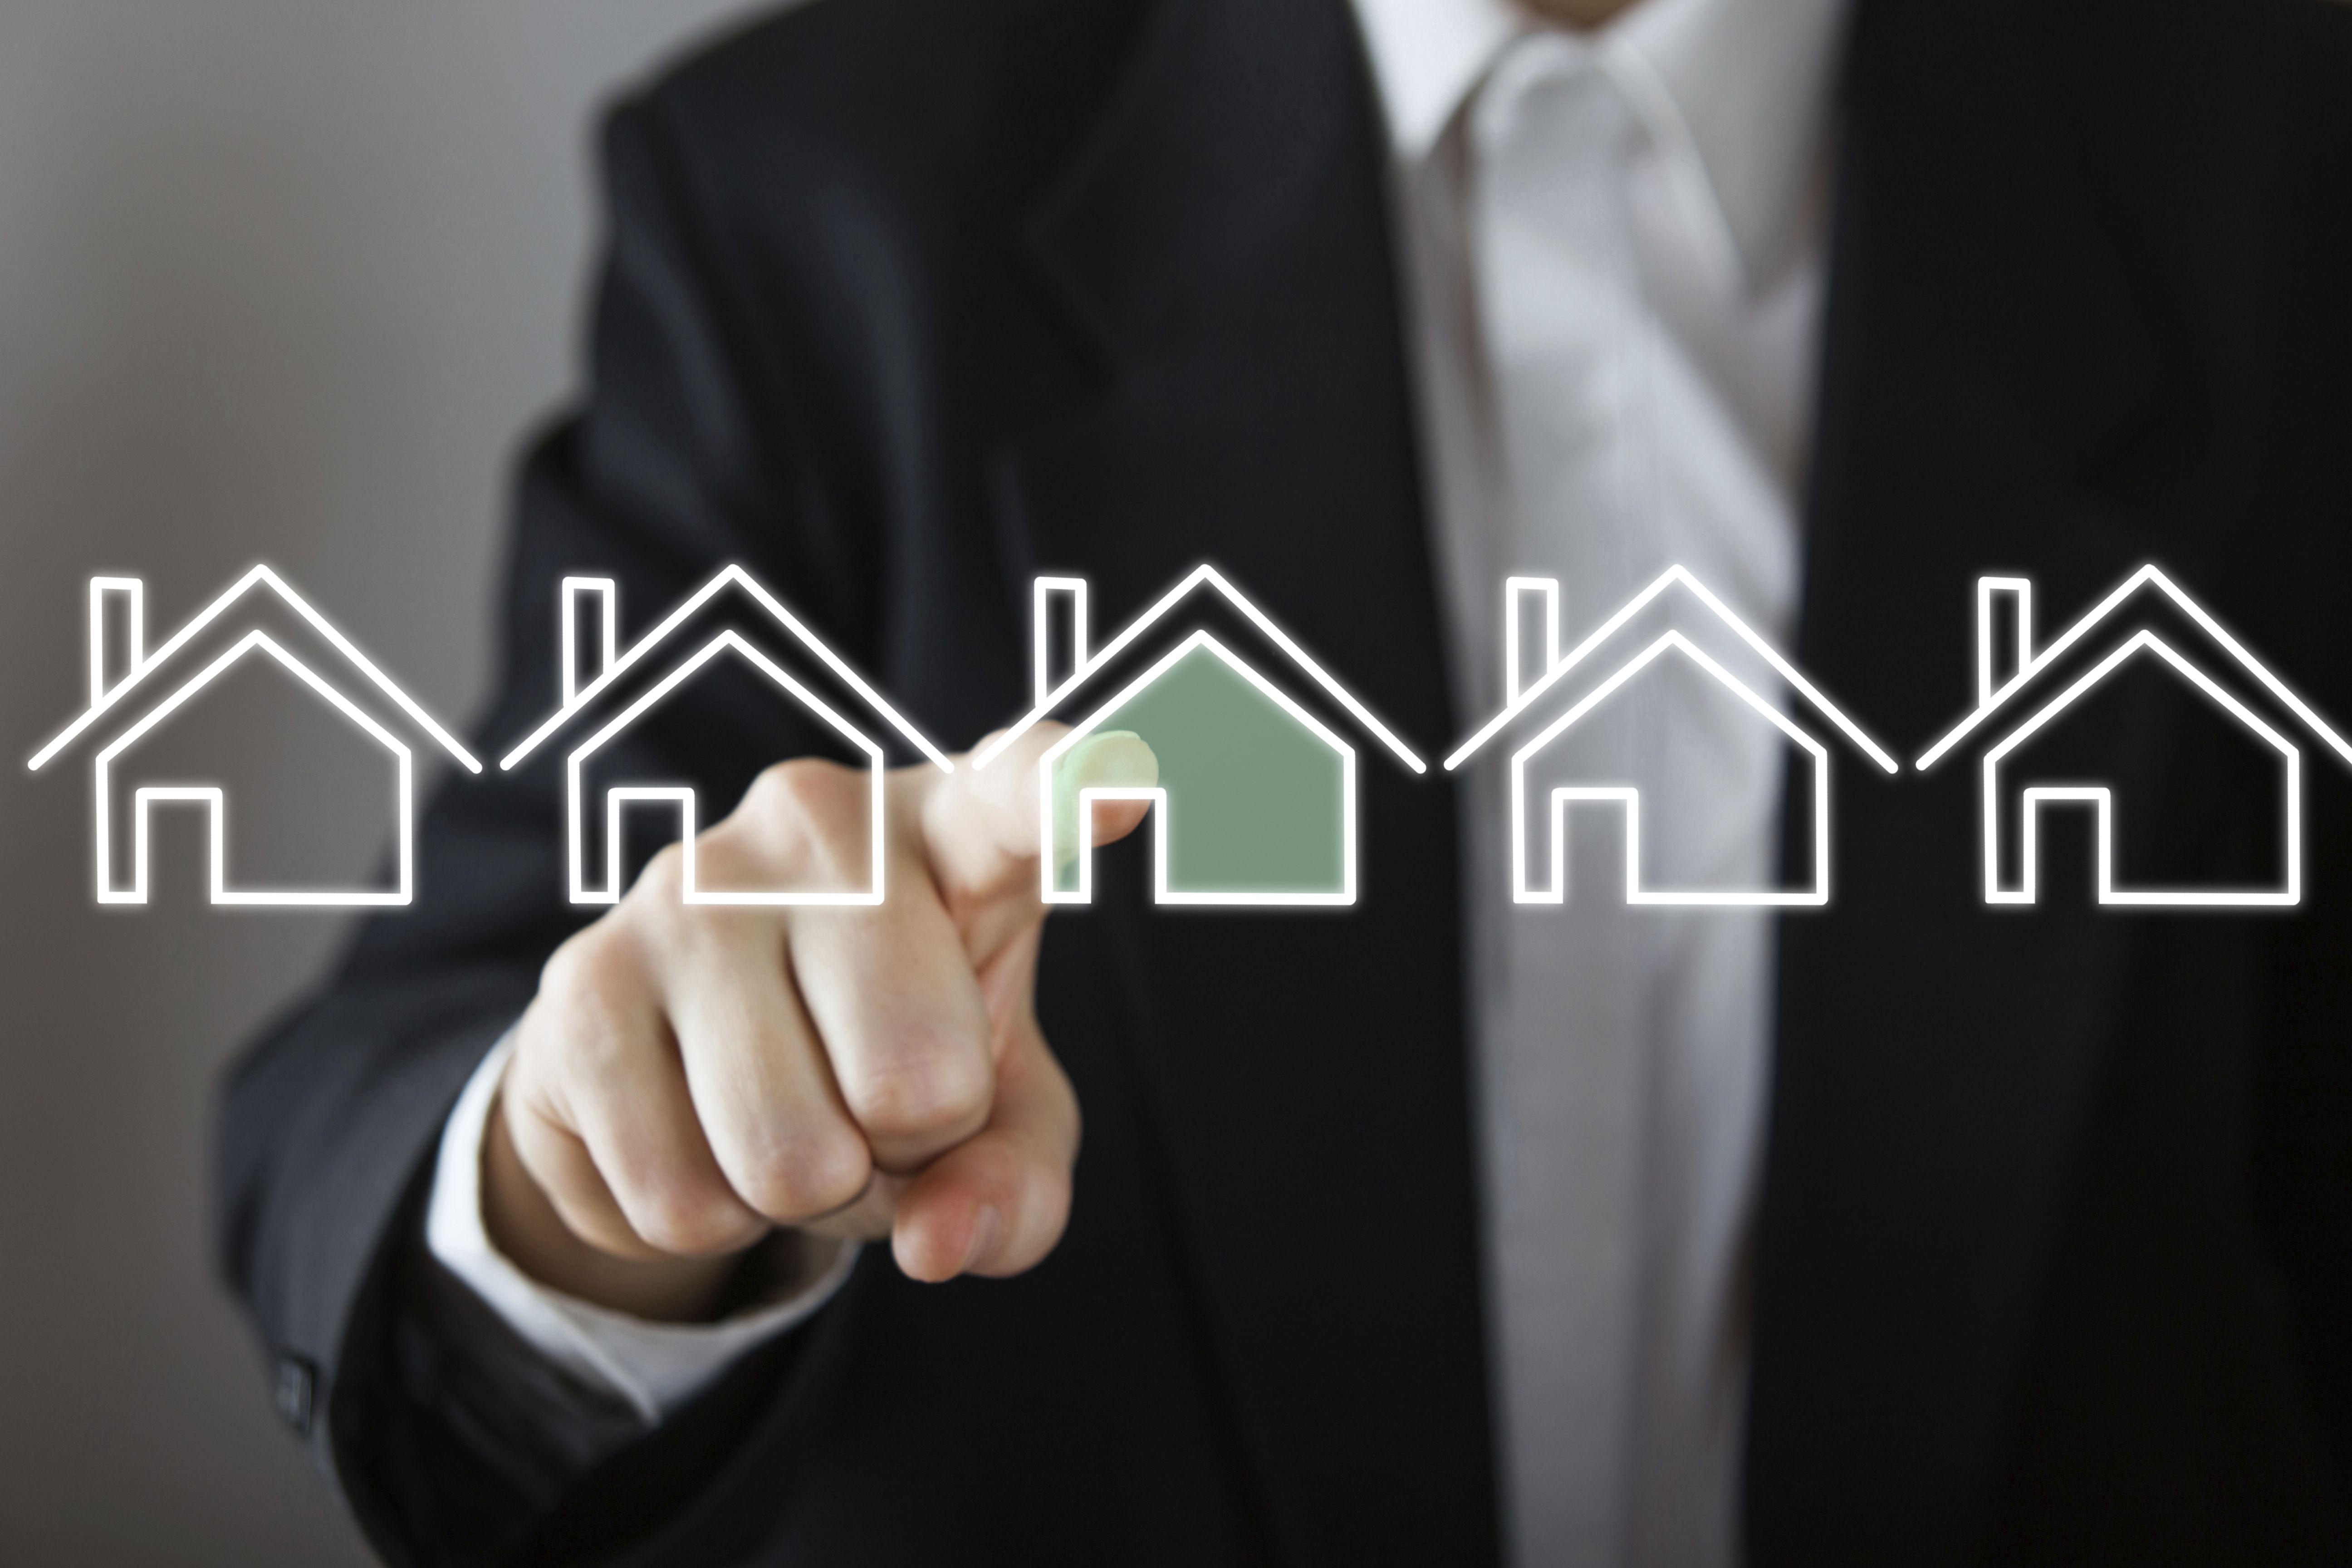 Búsqueda avanzada de inmuebles: Inmuebles de Inmobiliaria Arqyte